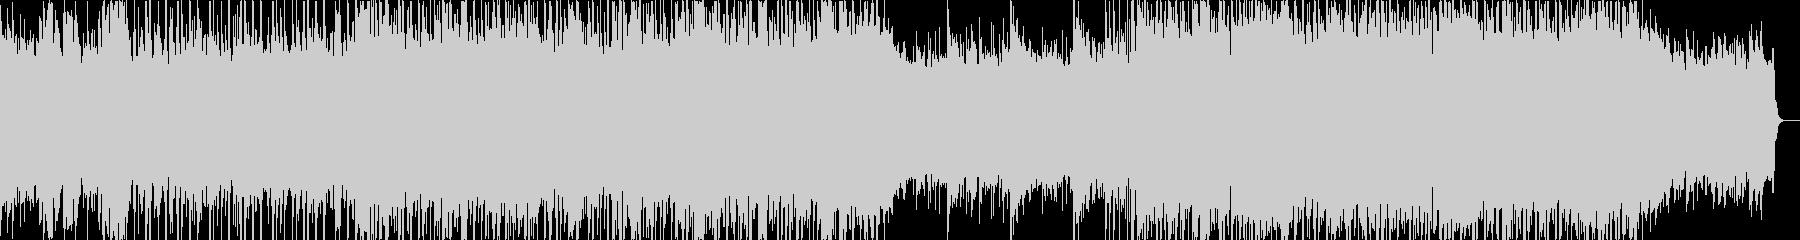 スラップベースとエレキ、ブルースロックの未再生の波形